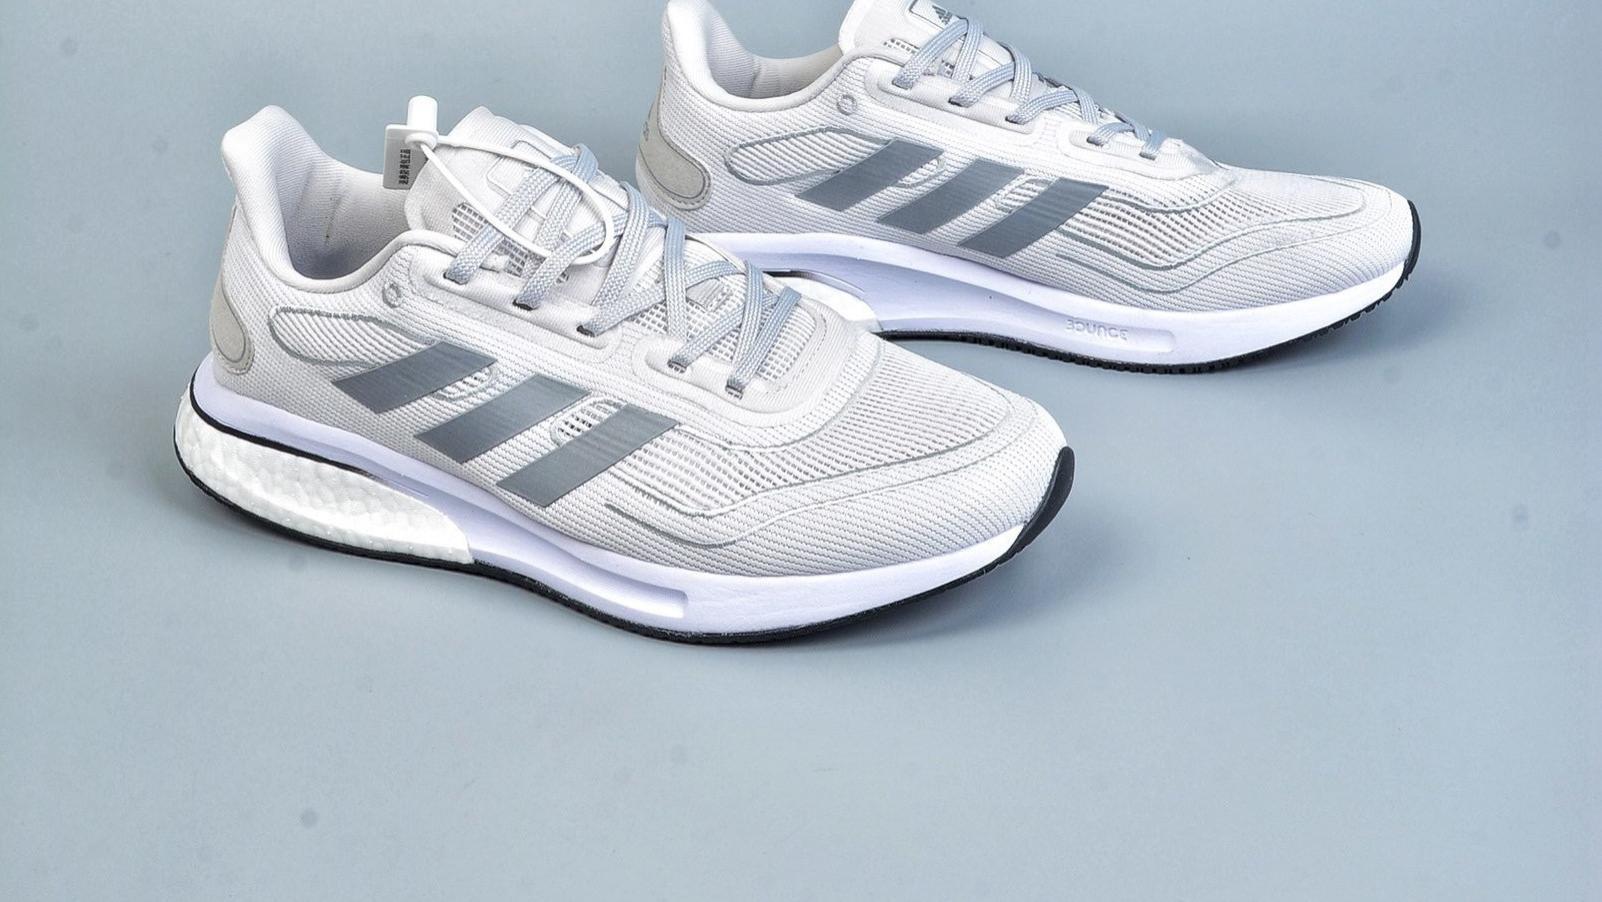 阿迪达斯 Adidas Supernova M 马拉松赛事休闲运动跑步鞋